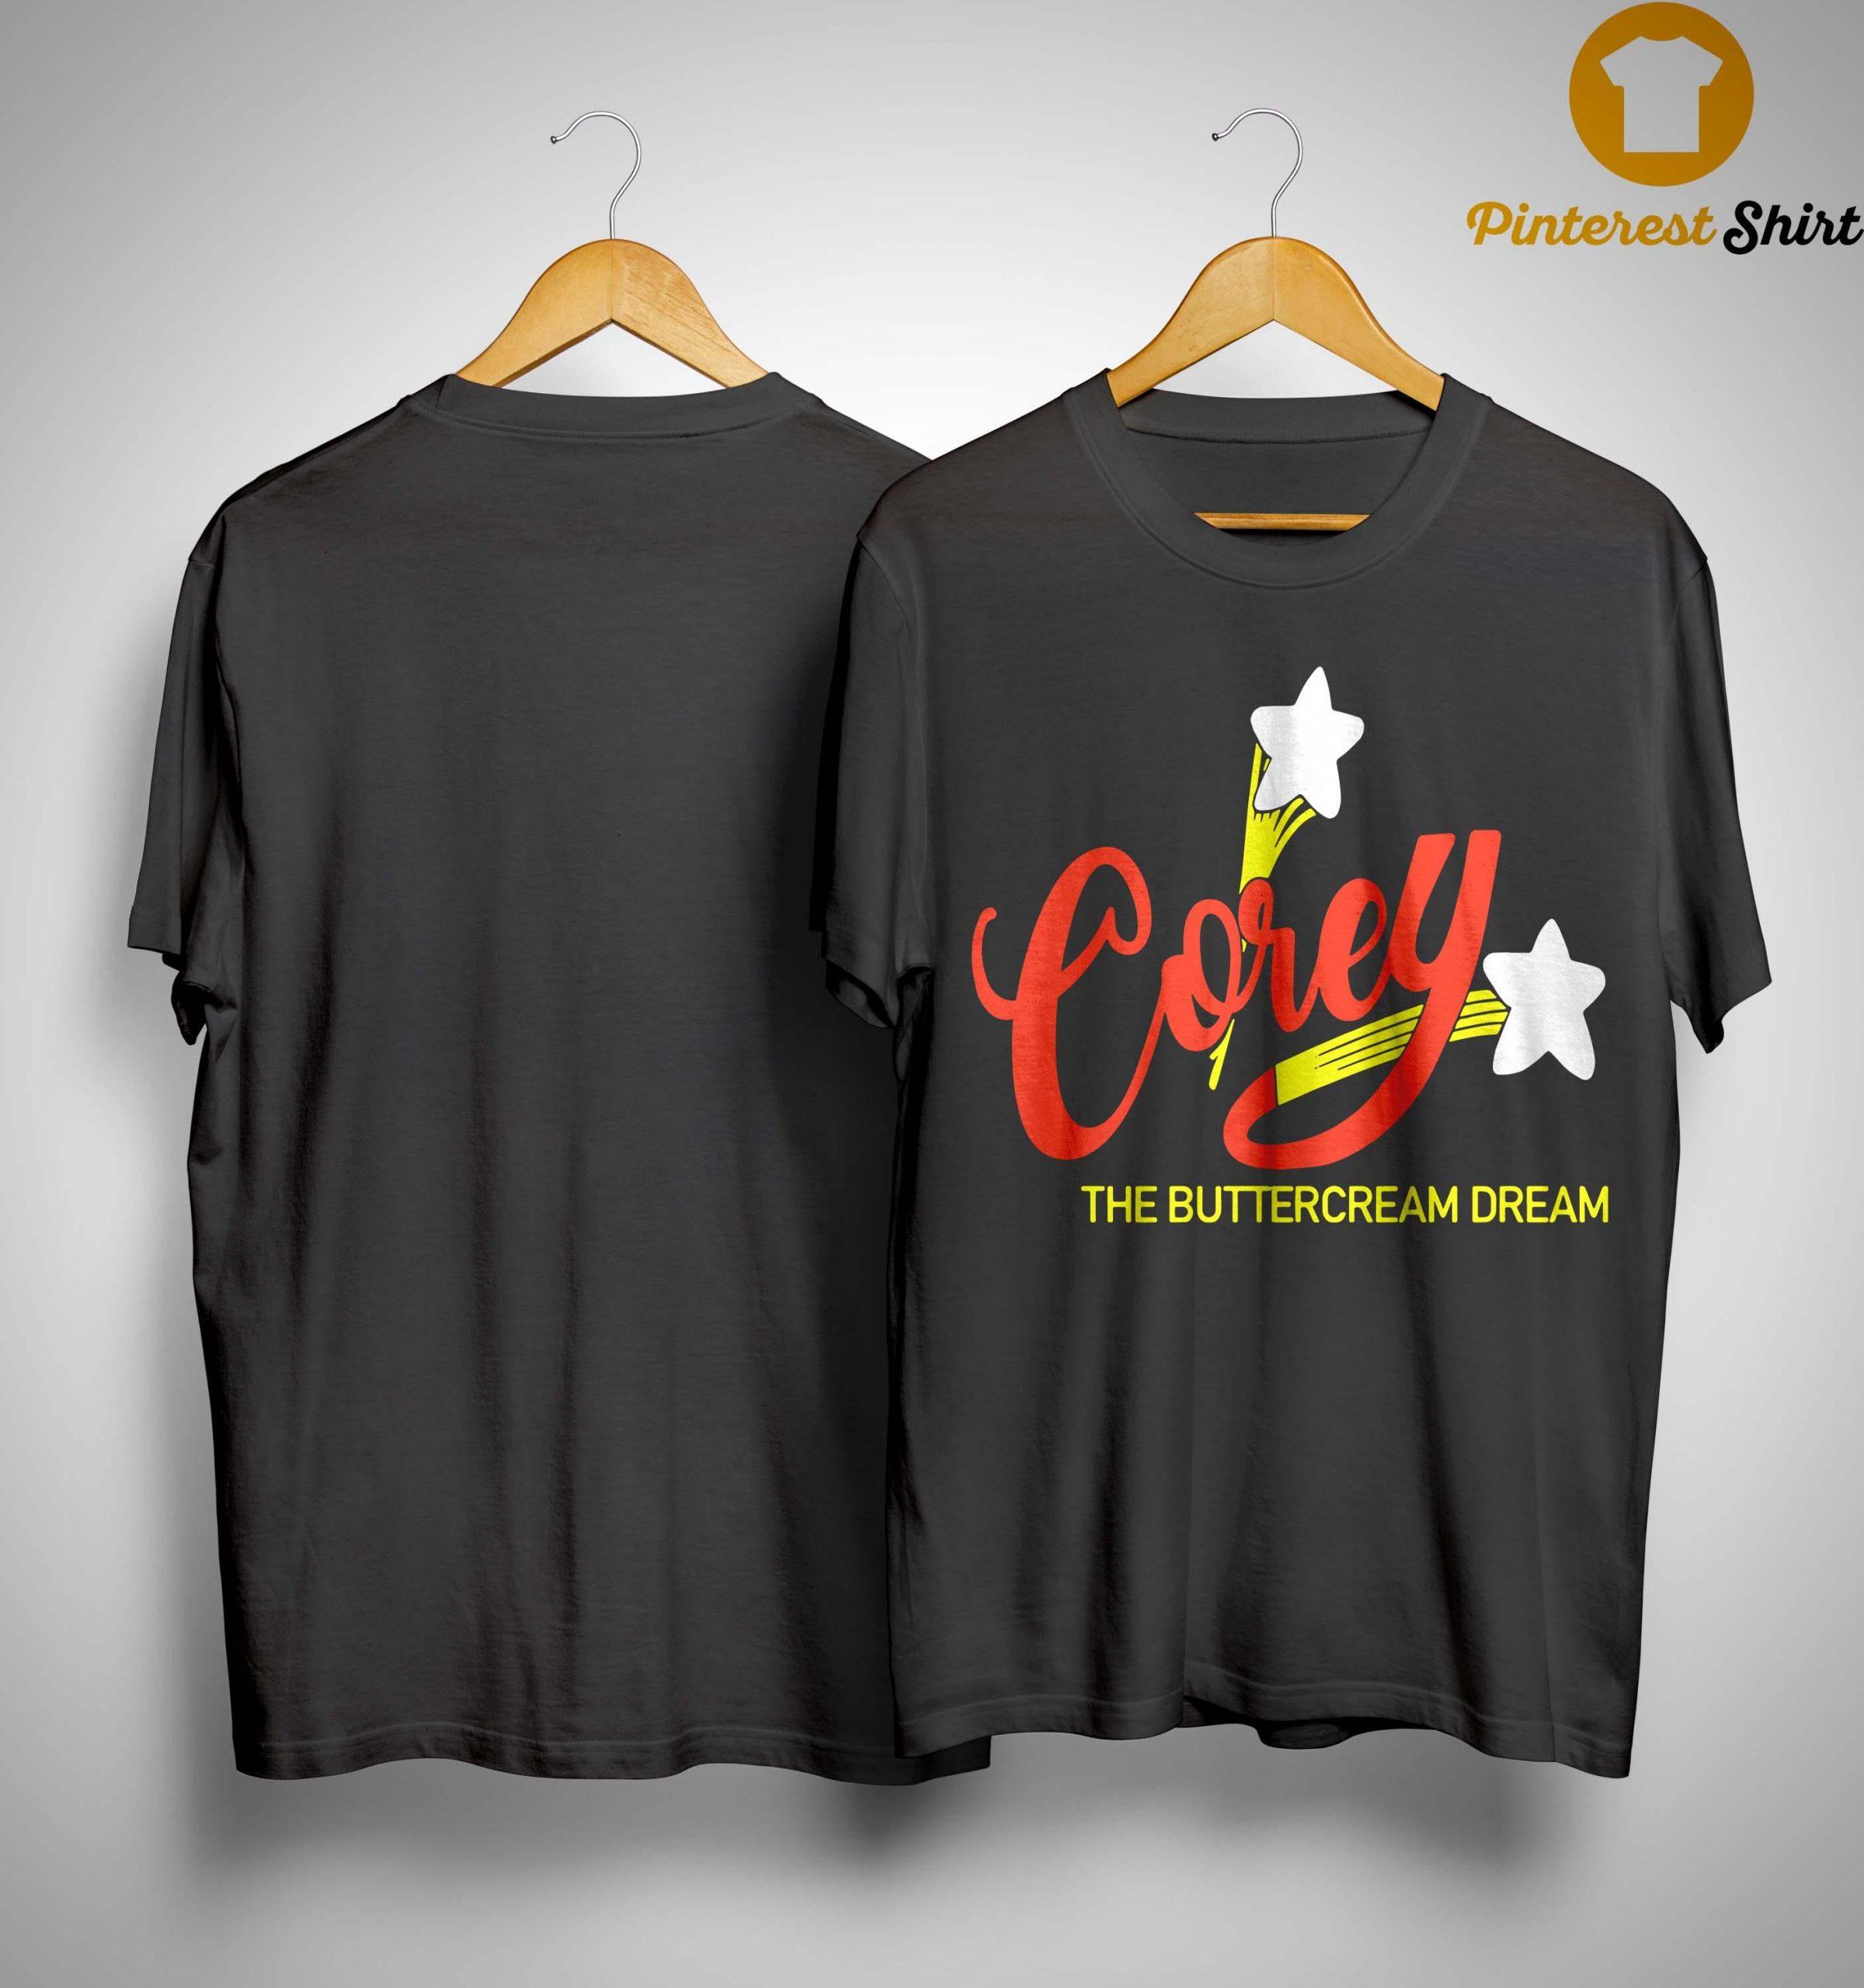 Corey The Buttercream Dream Shirt